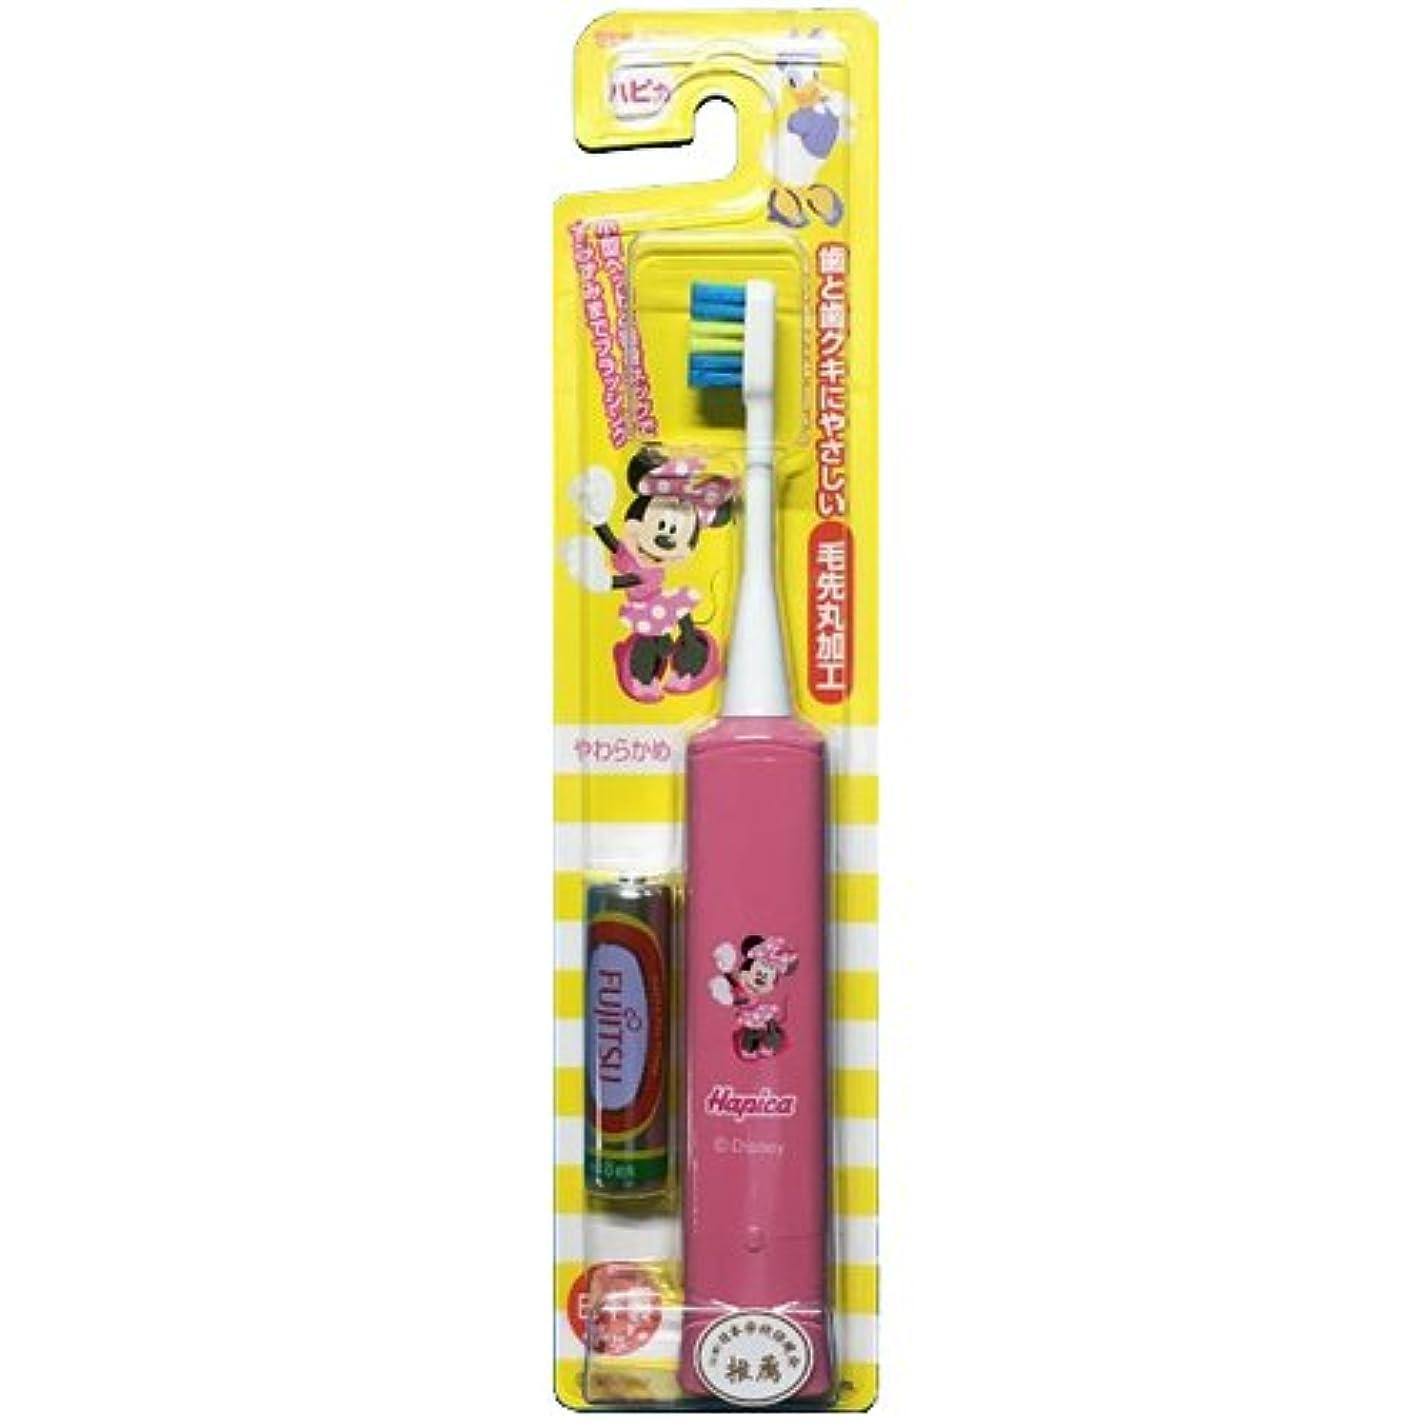 裂け目先行する他にミニマム 電動付歯ブラシ こどもハピカ ミニー(ピンク) 毛の硬さ:やわらかめ DBK-5P(MK)